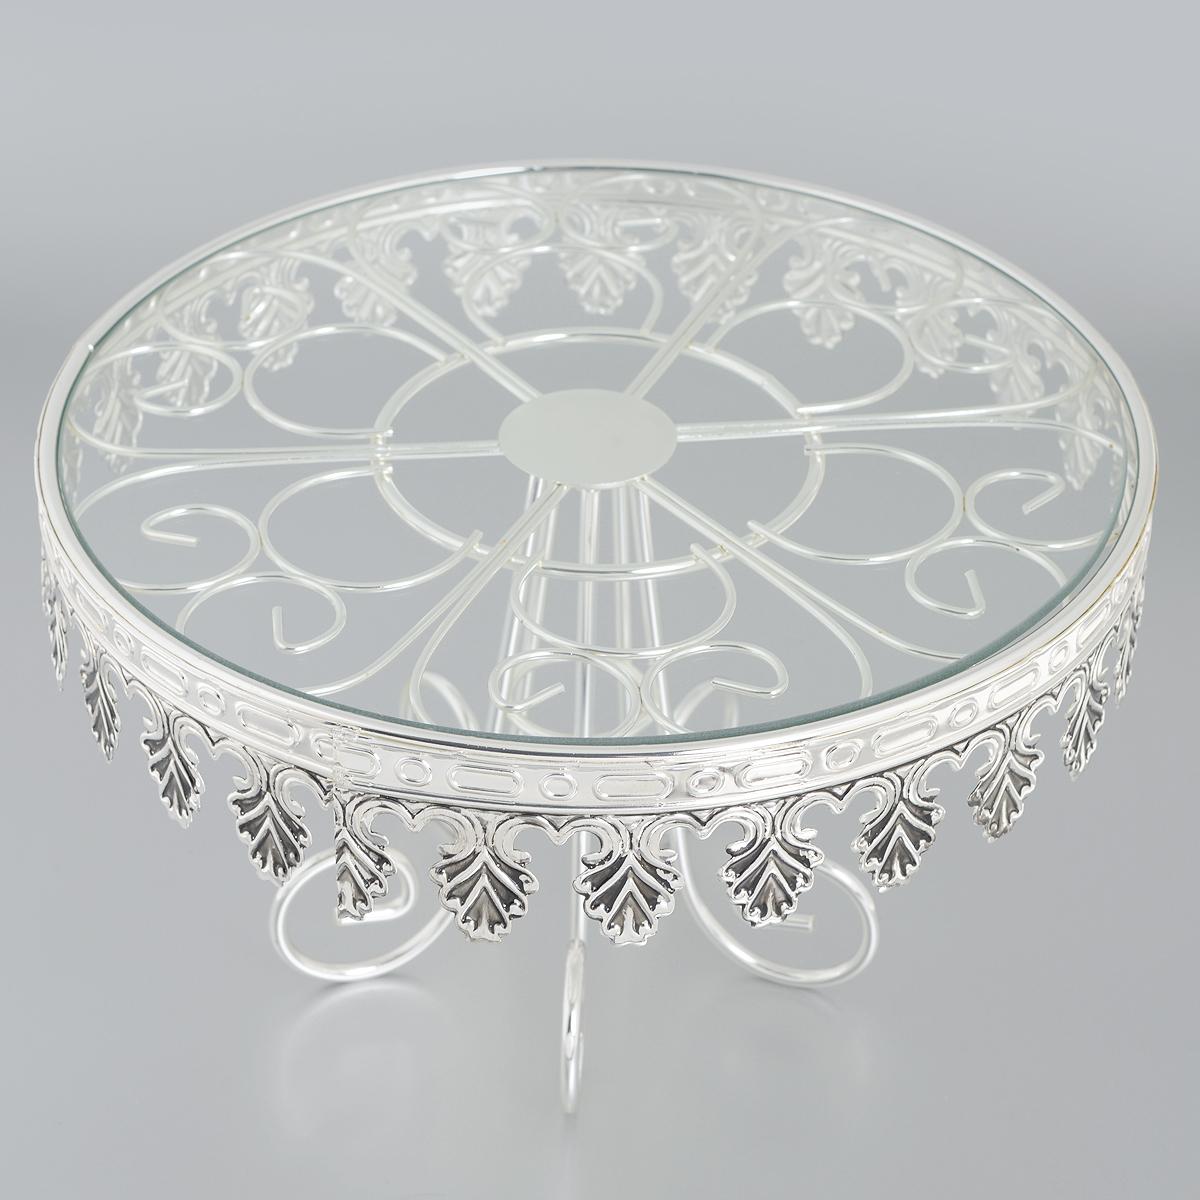 Подставка для торта Marquis, диаметр 31 см. 7056-MR115010Изысканная подставка для торта Marquis, выполненная в классическом стиле, великолепно украсит ваш праздничный стол. Изделие представляет собой металлическую подставку, выполненную из стали с никель-серебряным покрытием, на которую помещается круглое стеклянное блюдо. Подставка для торта Marquis идеально подойдет для сервировки стола и станет отличным подарком к любому празднику.